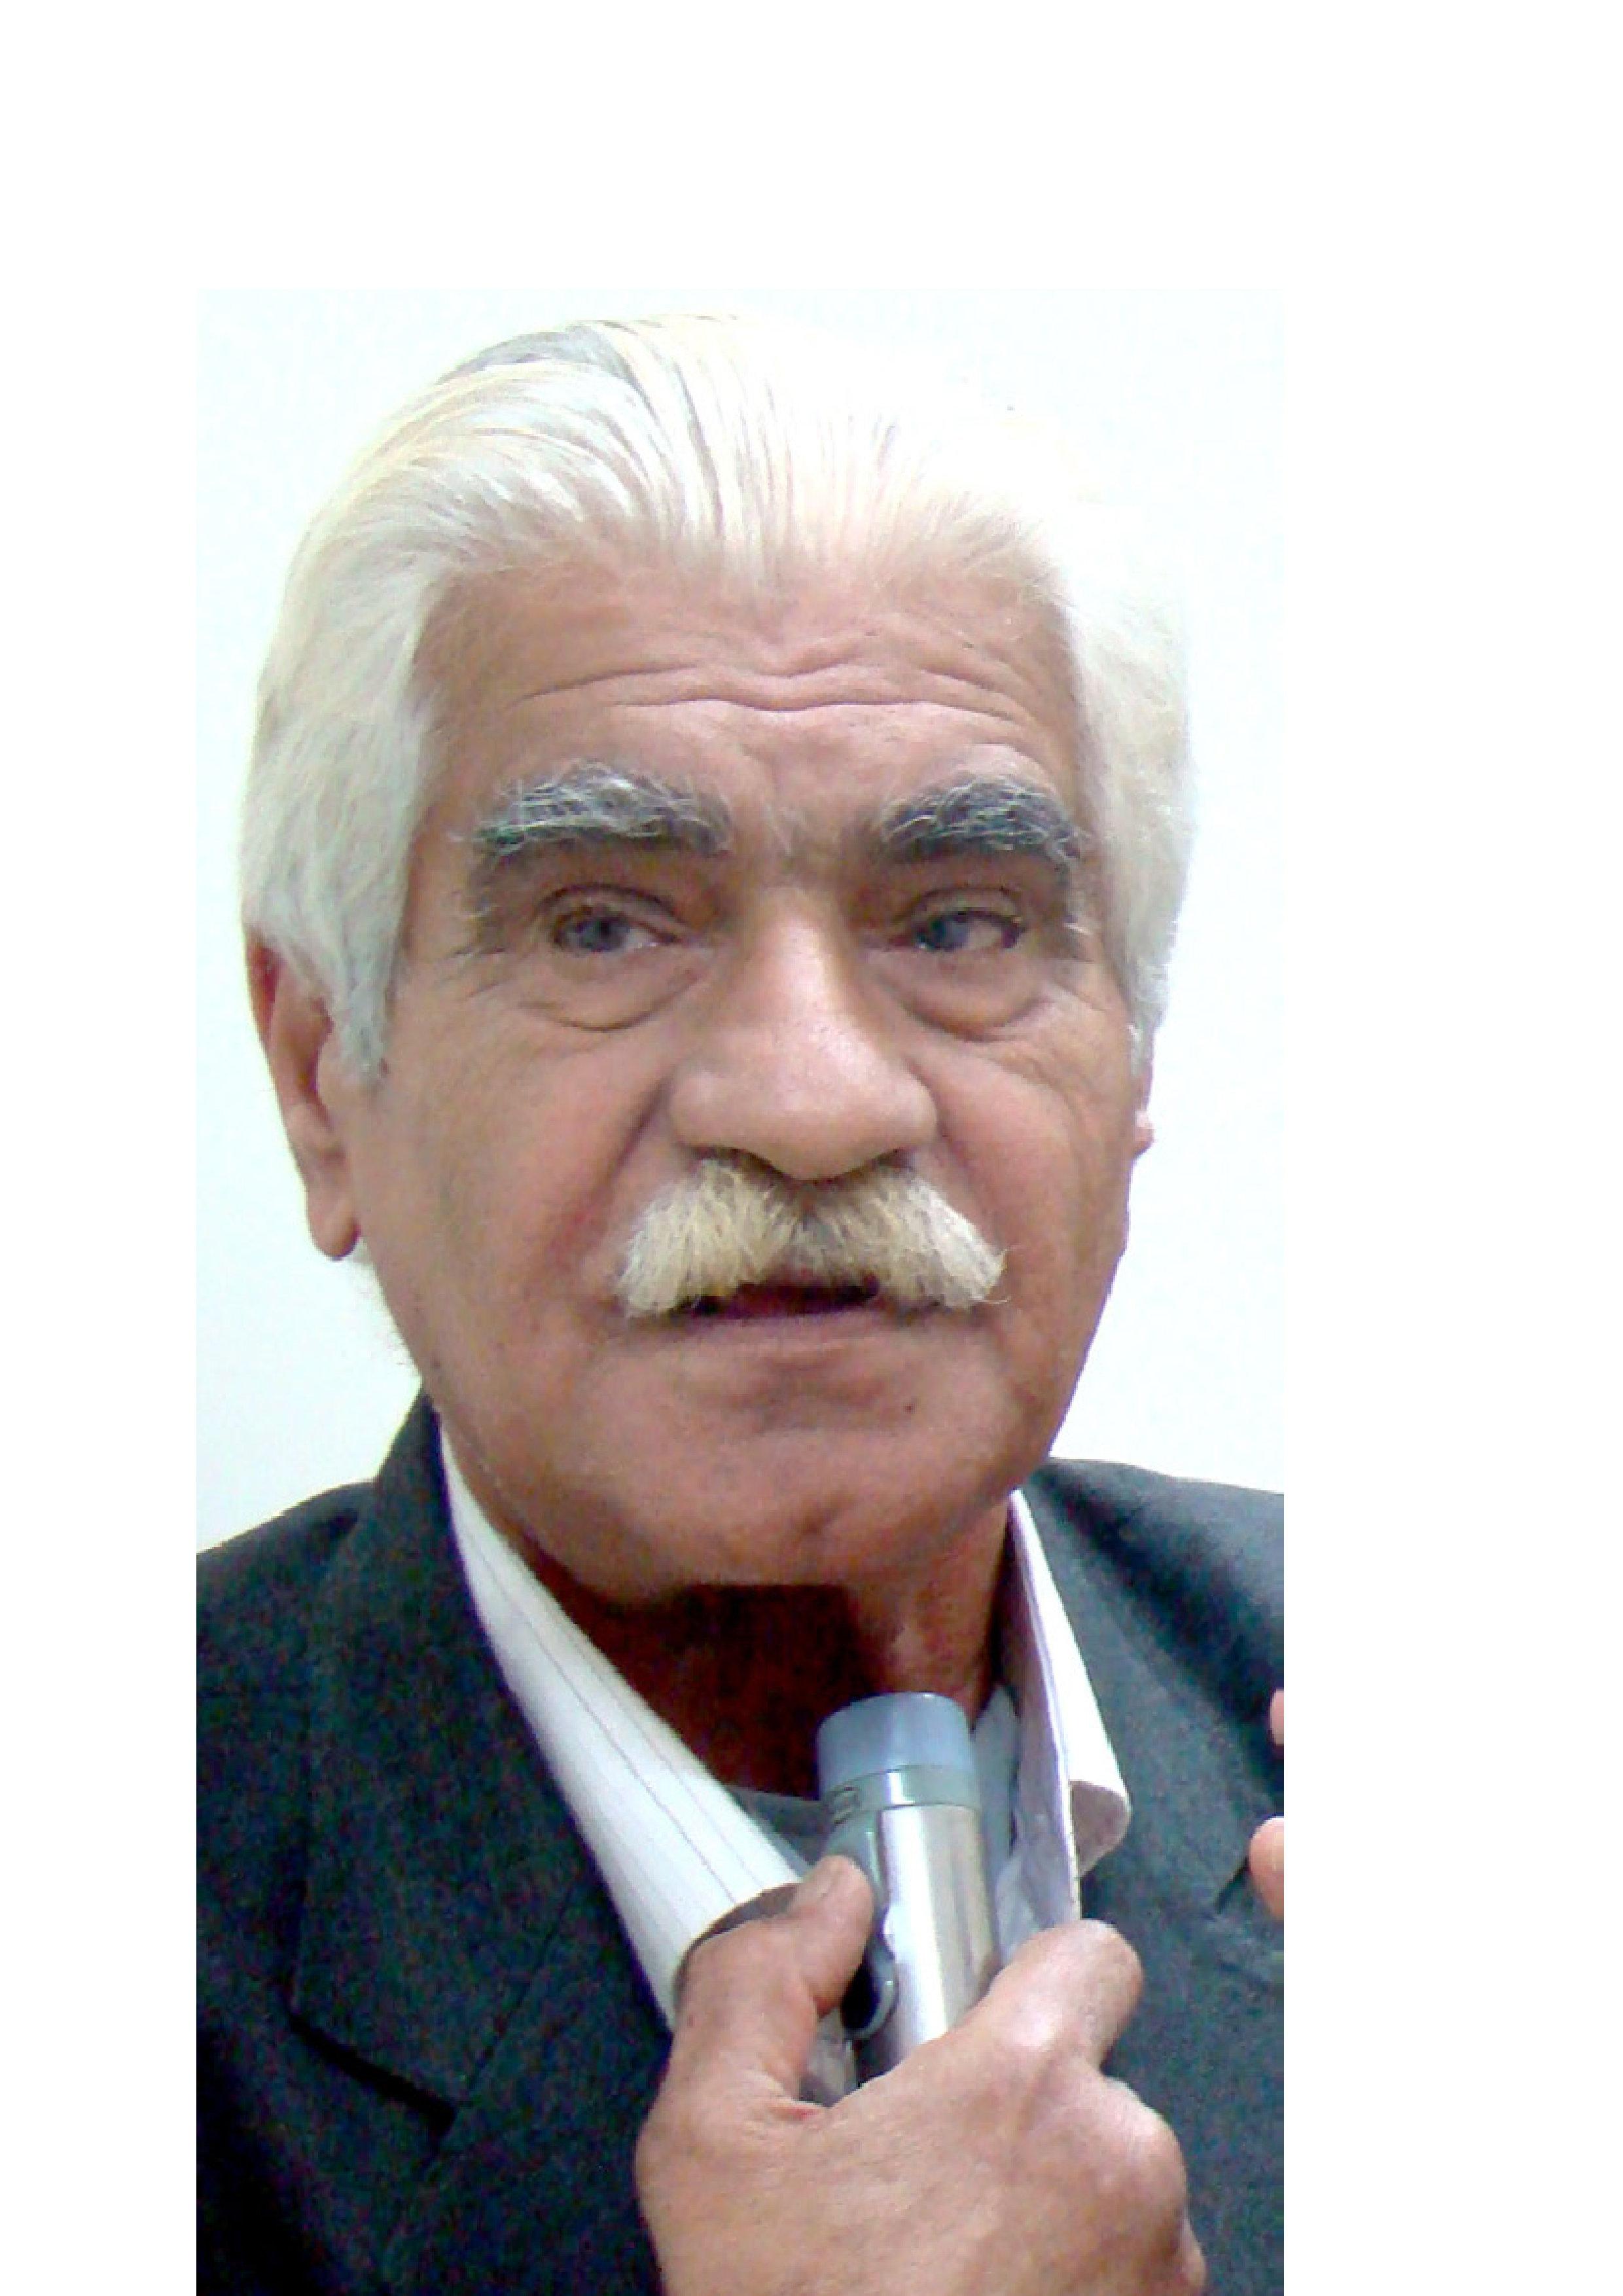 استاد حسین نجفیان درگذشت /جزئیات مراسم خاکسپاری